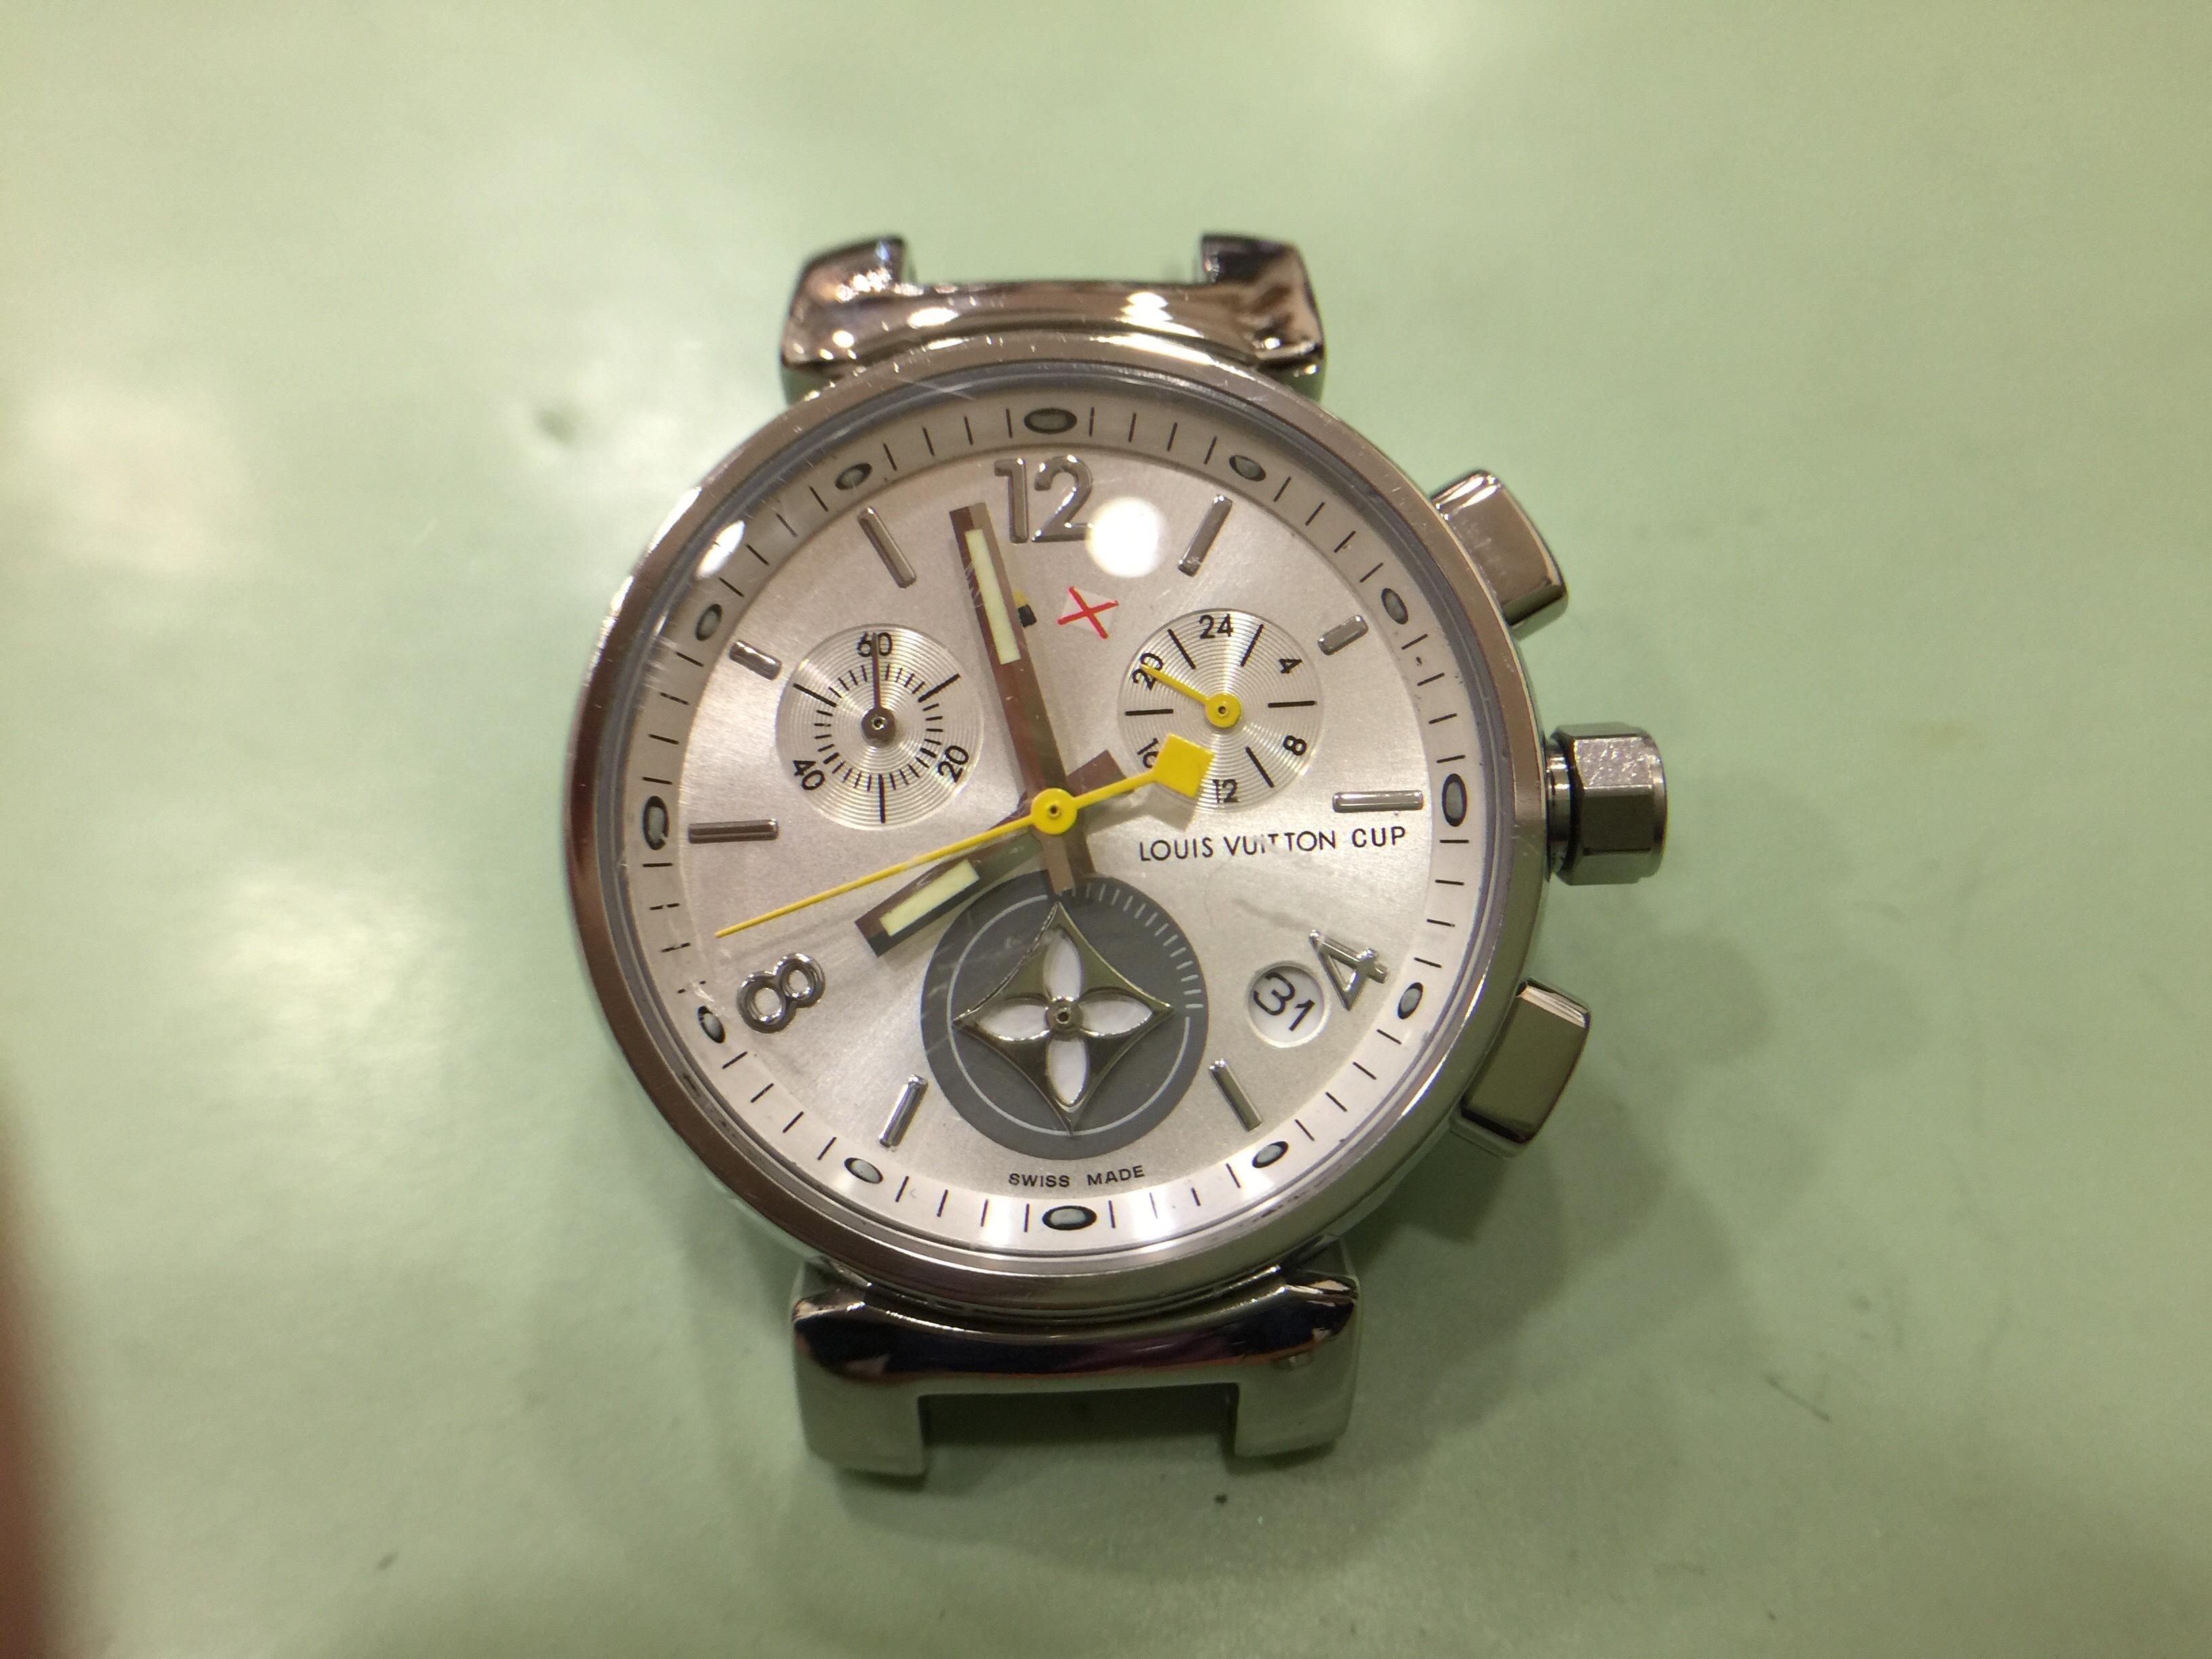 Luis Vuitton - Saat Kasası ve Saat Kapağı Çizik Silme ve Polisaj İşlemi